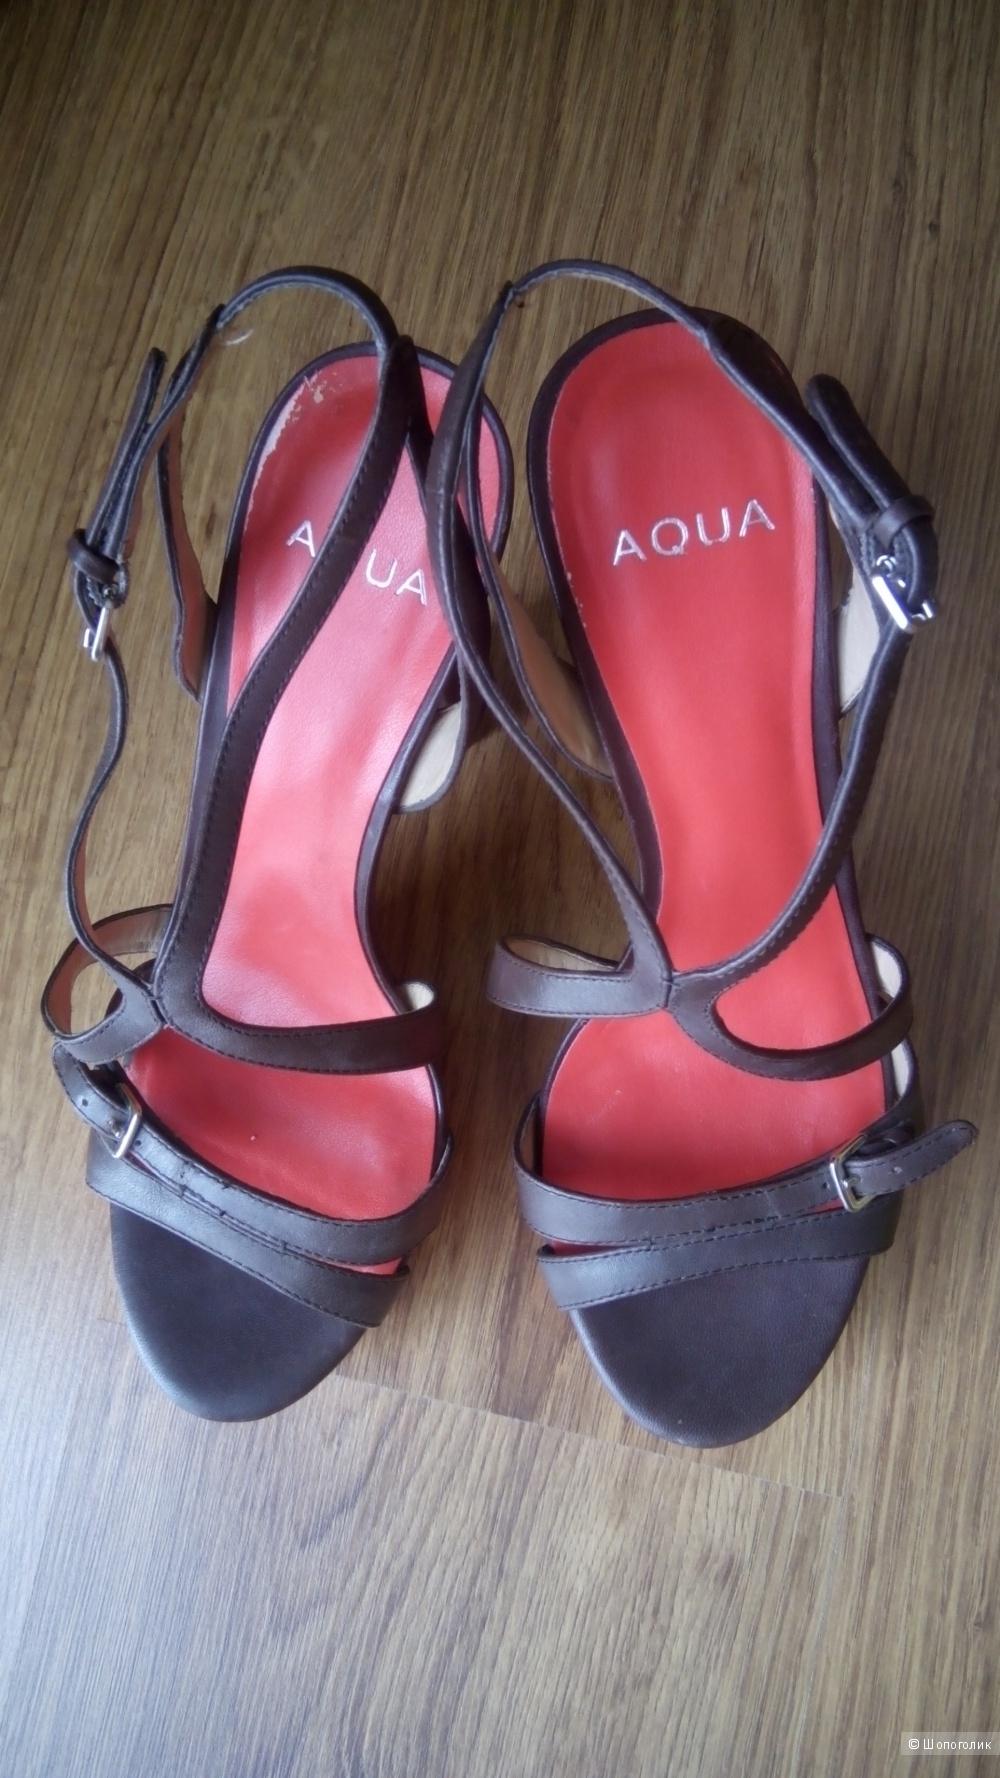 Красивые кожаные босоножки амер.бренда Aqua,7.5us